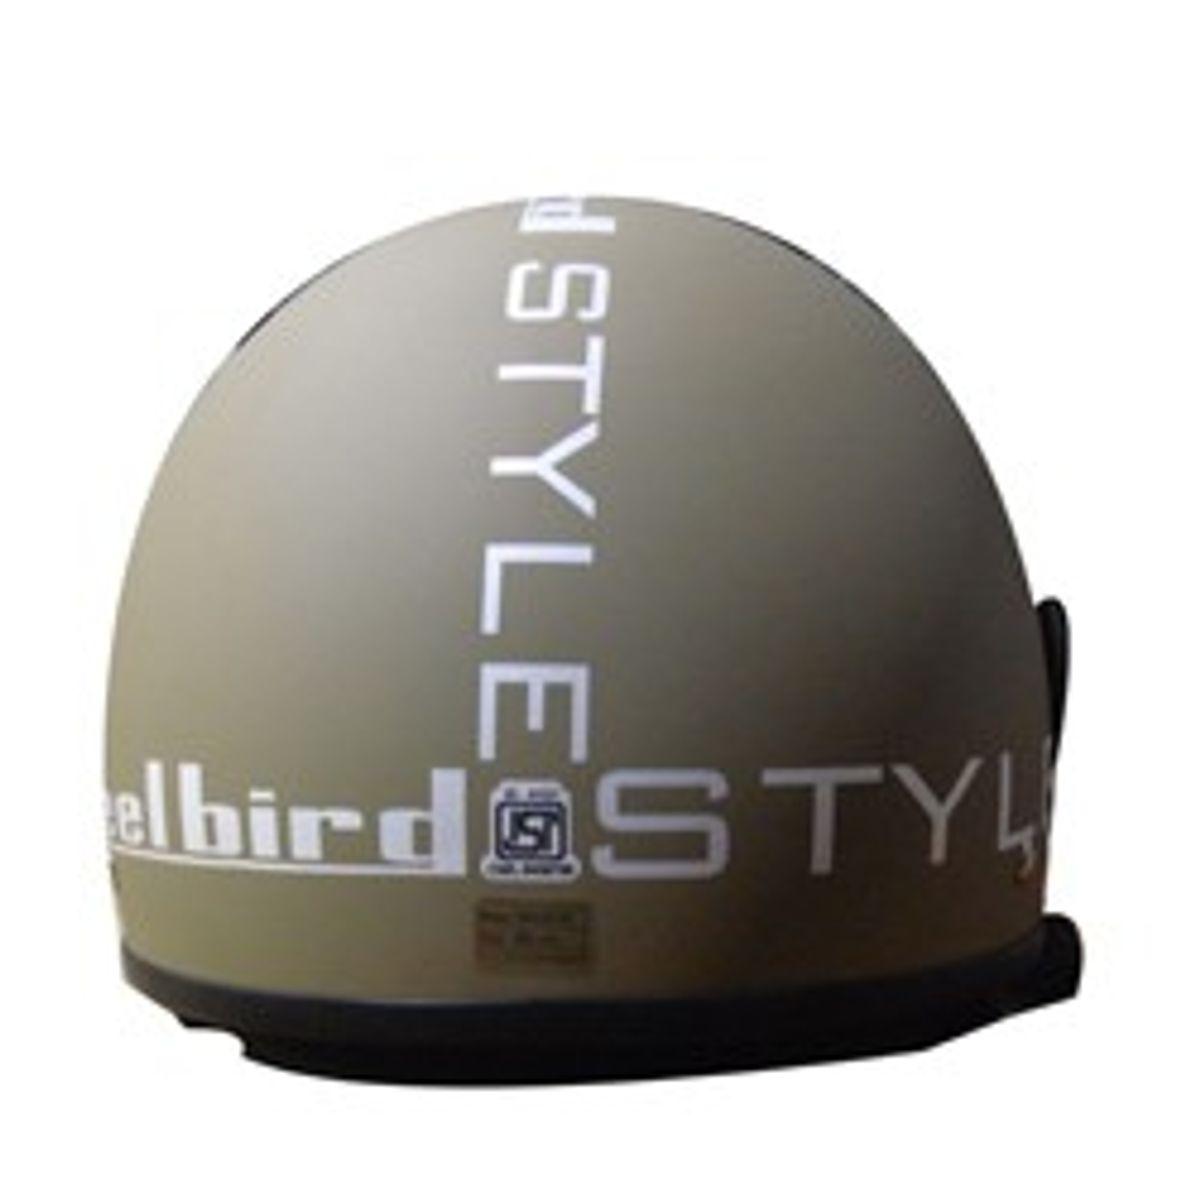 Steelbird sb 27 online dating